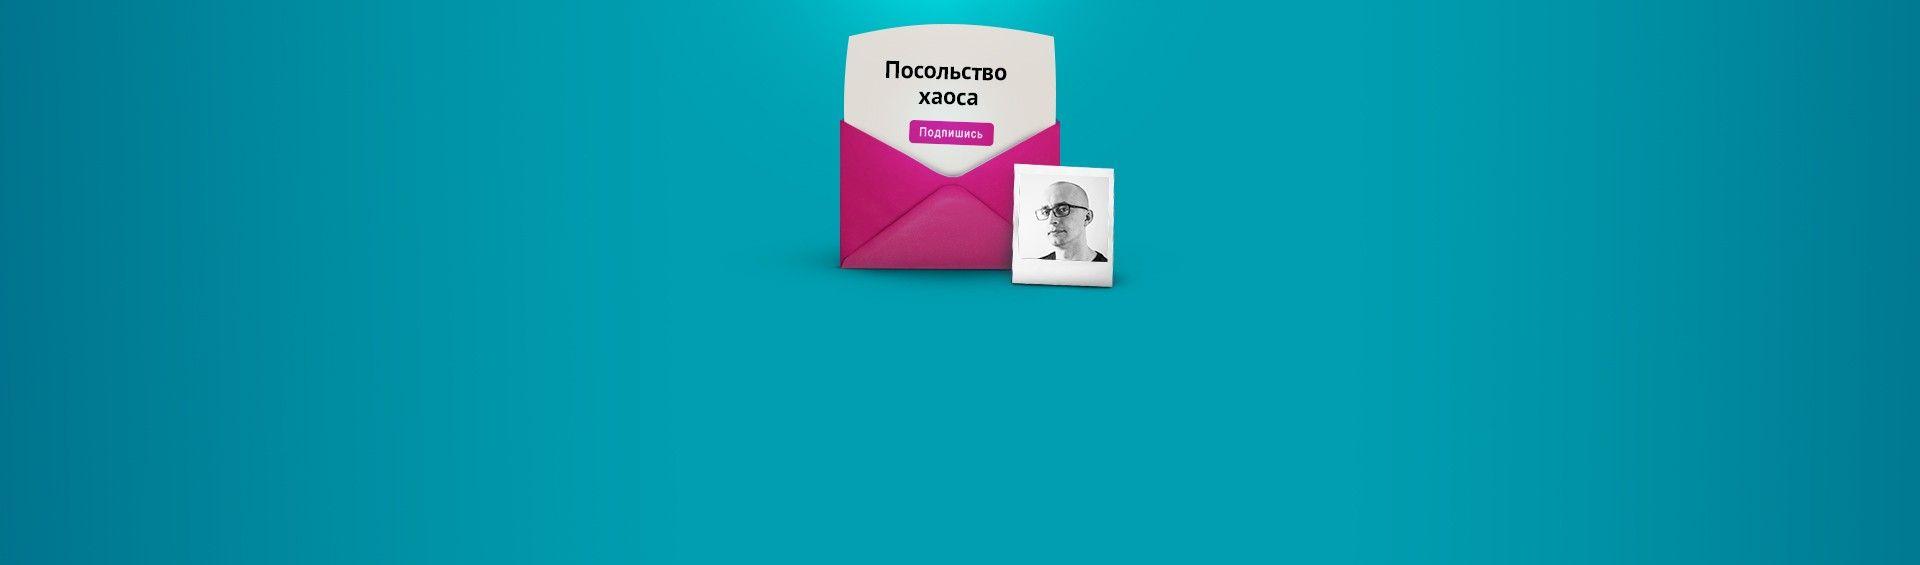 Владимир Кондрияненко, «Посольство Хаоса»: «Жизнь для меня — как поле с граблями, и вот в рассылке я делюсь своими шишками»